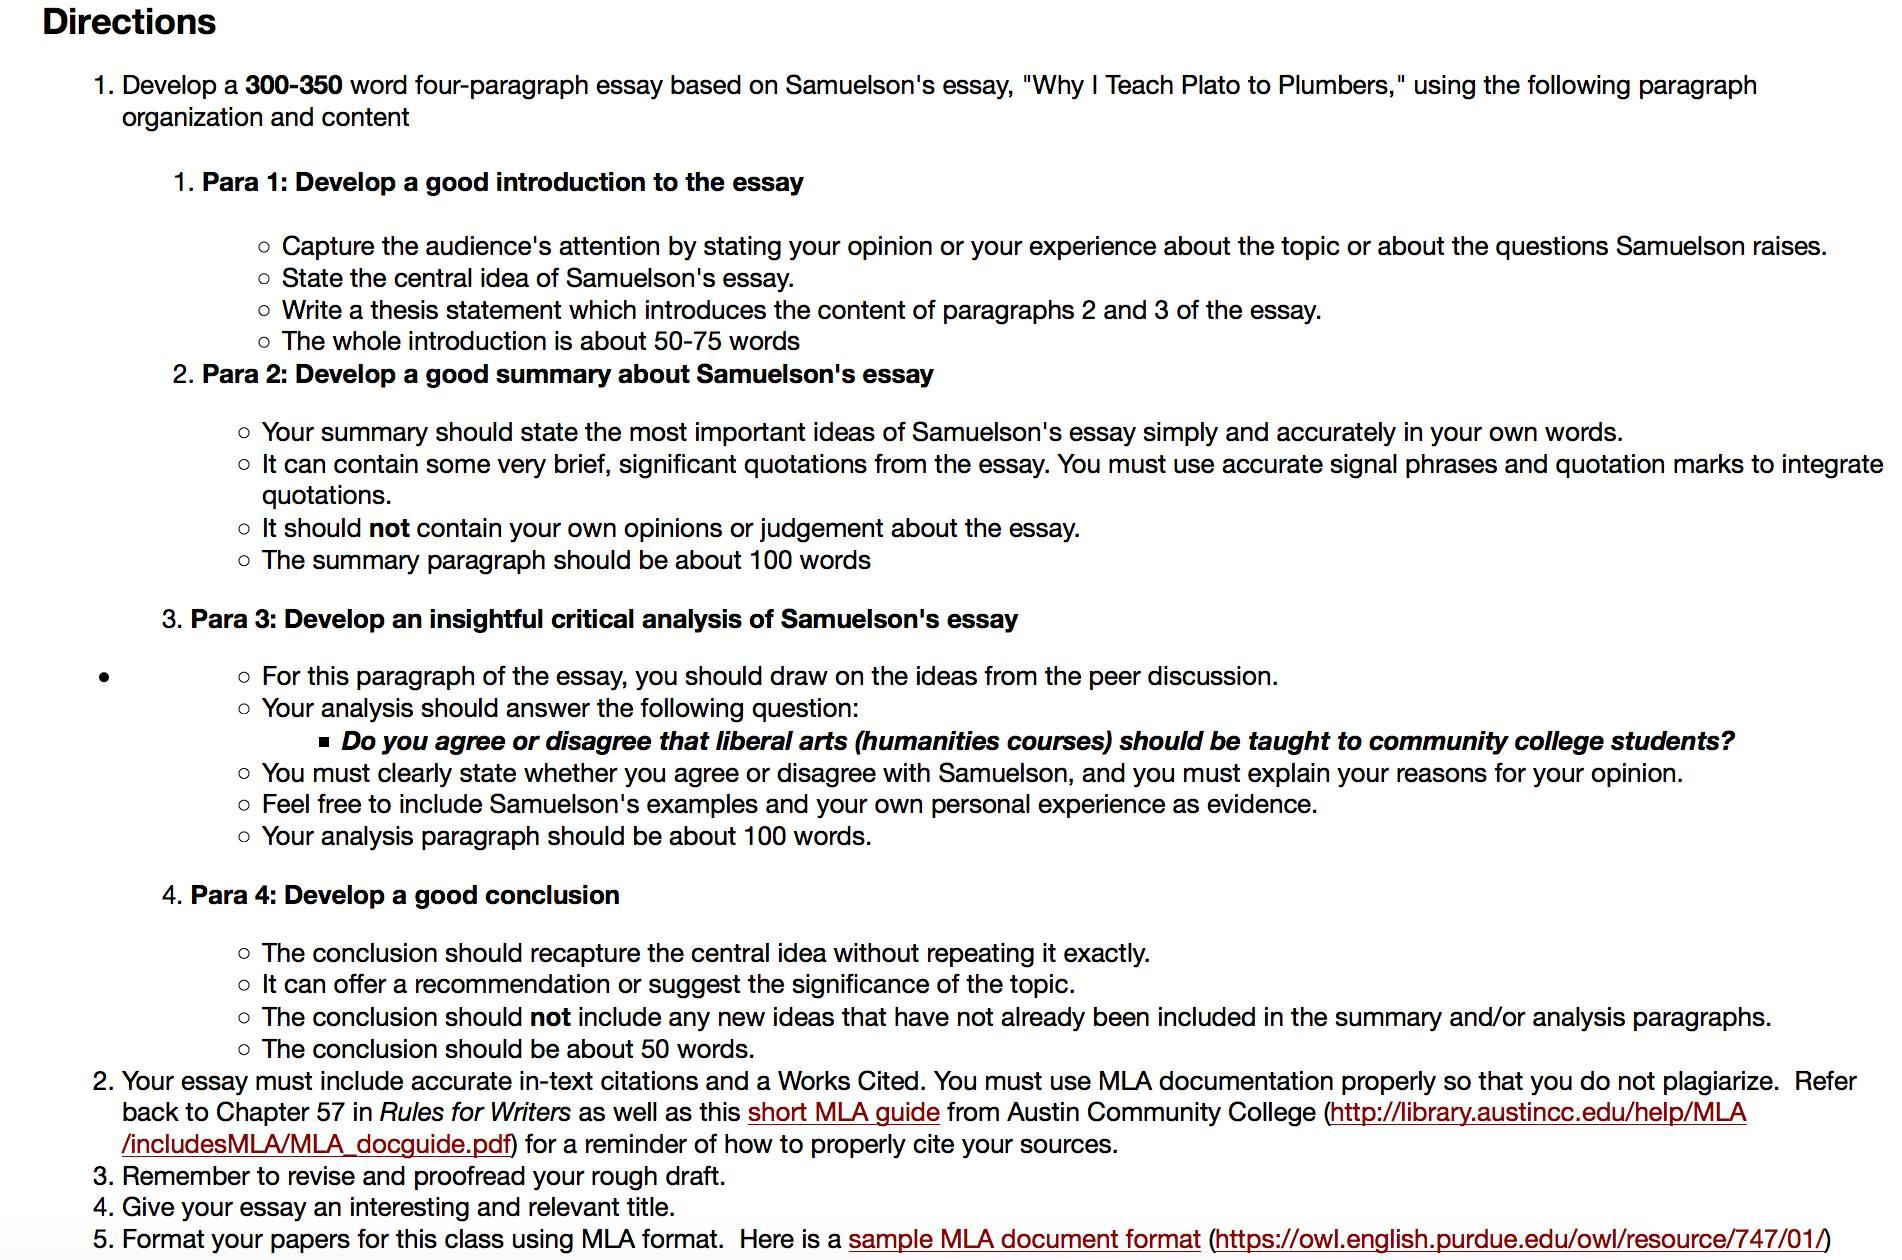 008 Essay Example Word 13446206 10210066177277870 1683047516 O Sensational 100 On Leadership Topics Full